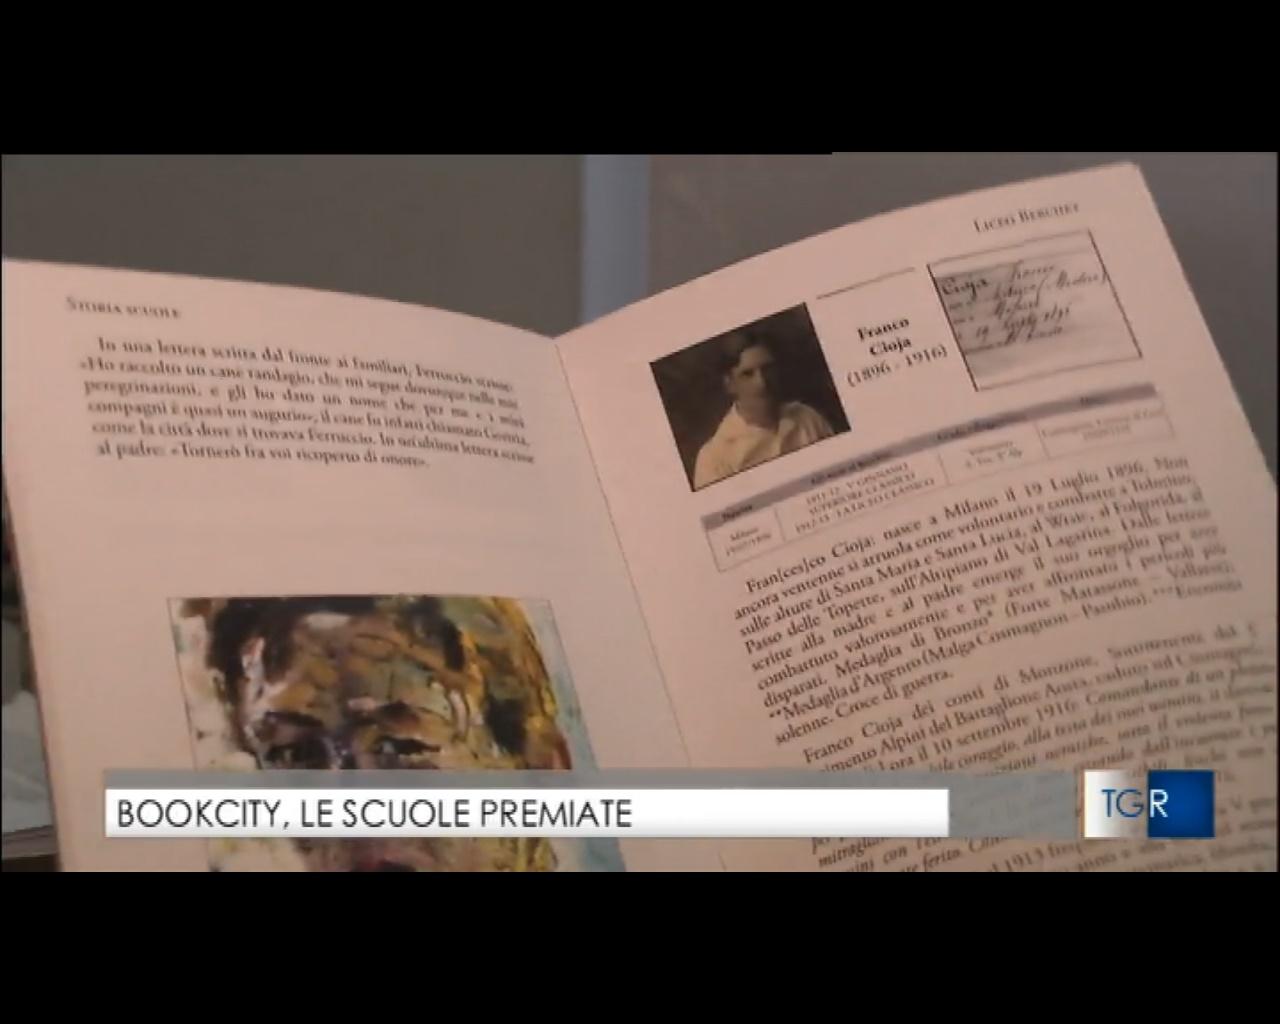 BOOKCITY, LE SCUOLE PREMIATE_Berchet